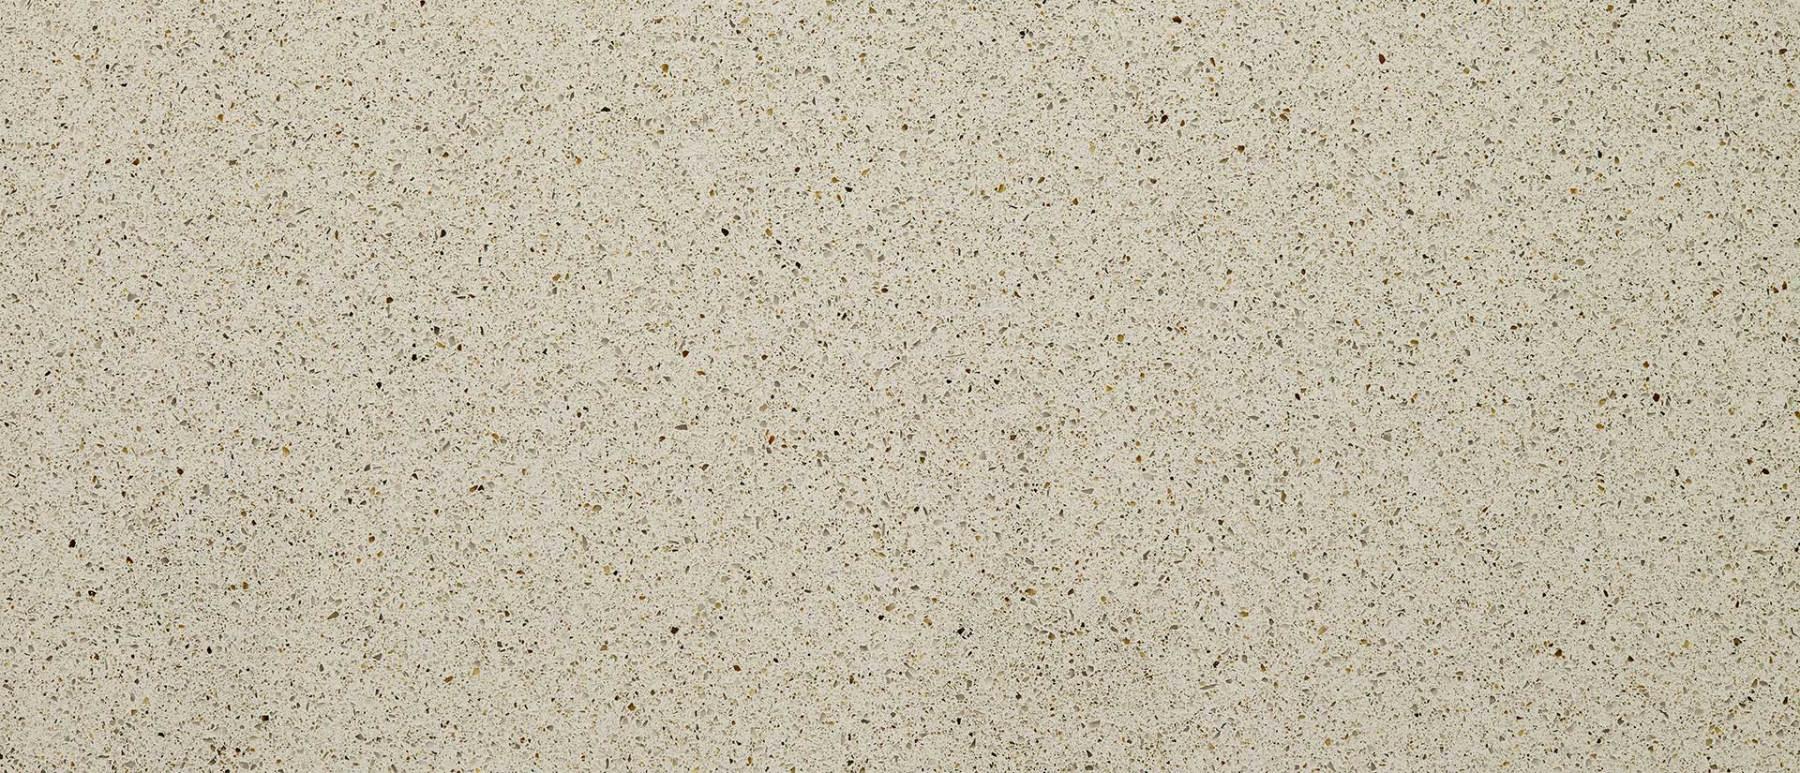 bayshore-sand-quartz-1